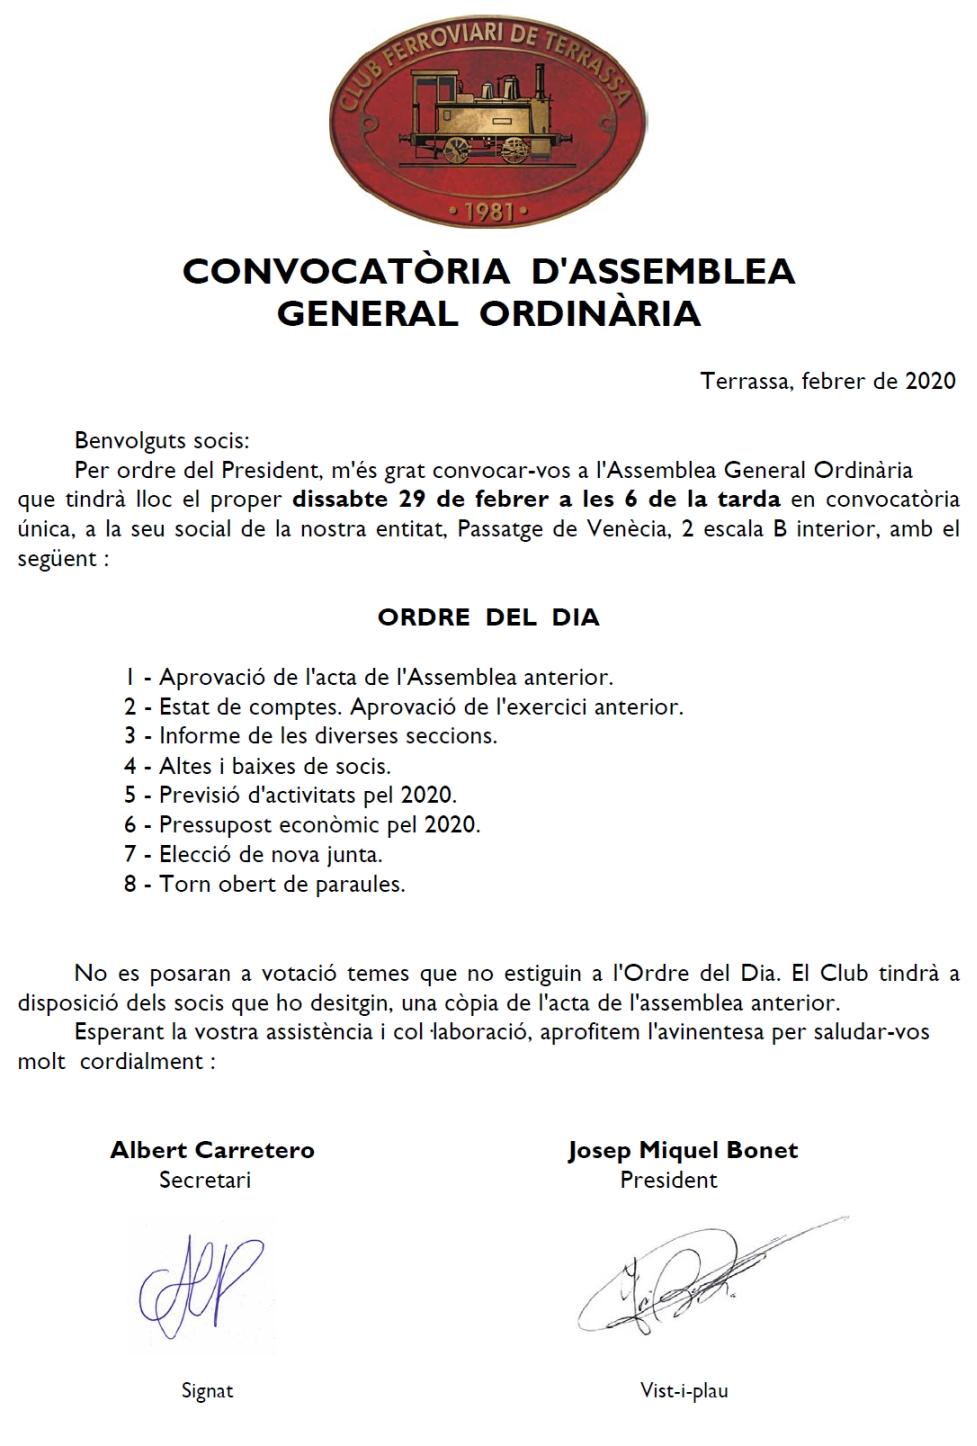 ***** Convocatòria d'Assemblea General Ordinària. Club Ferroviari de Terrassa